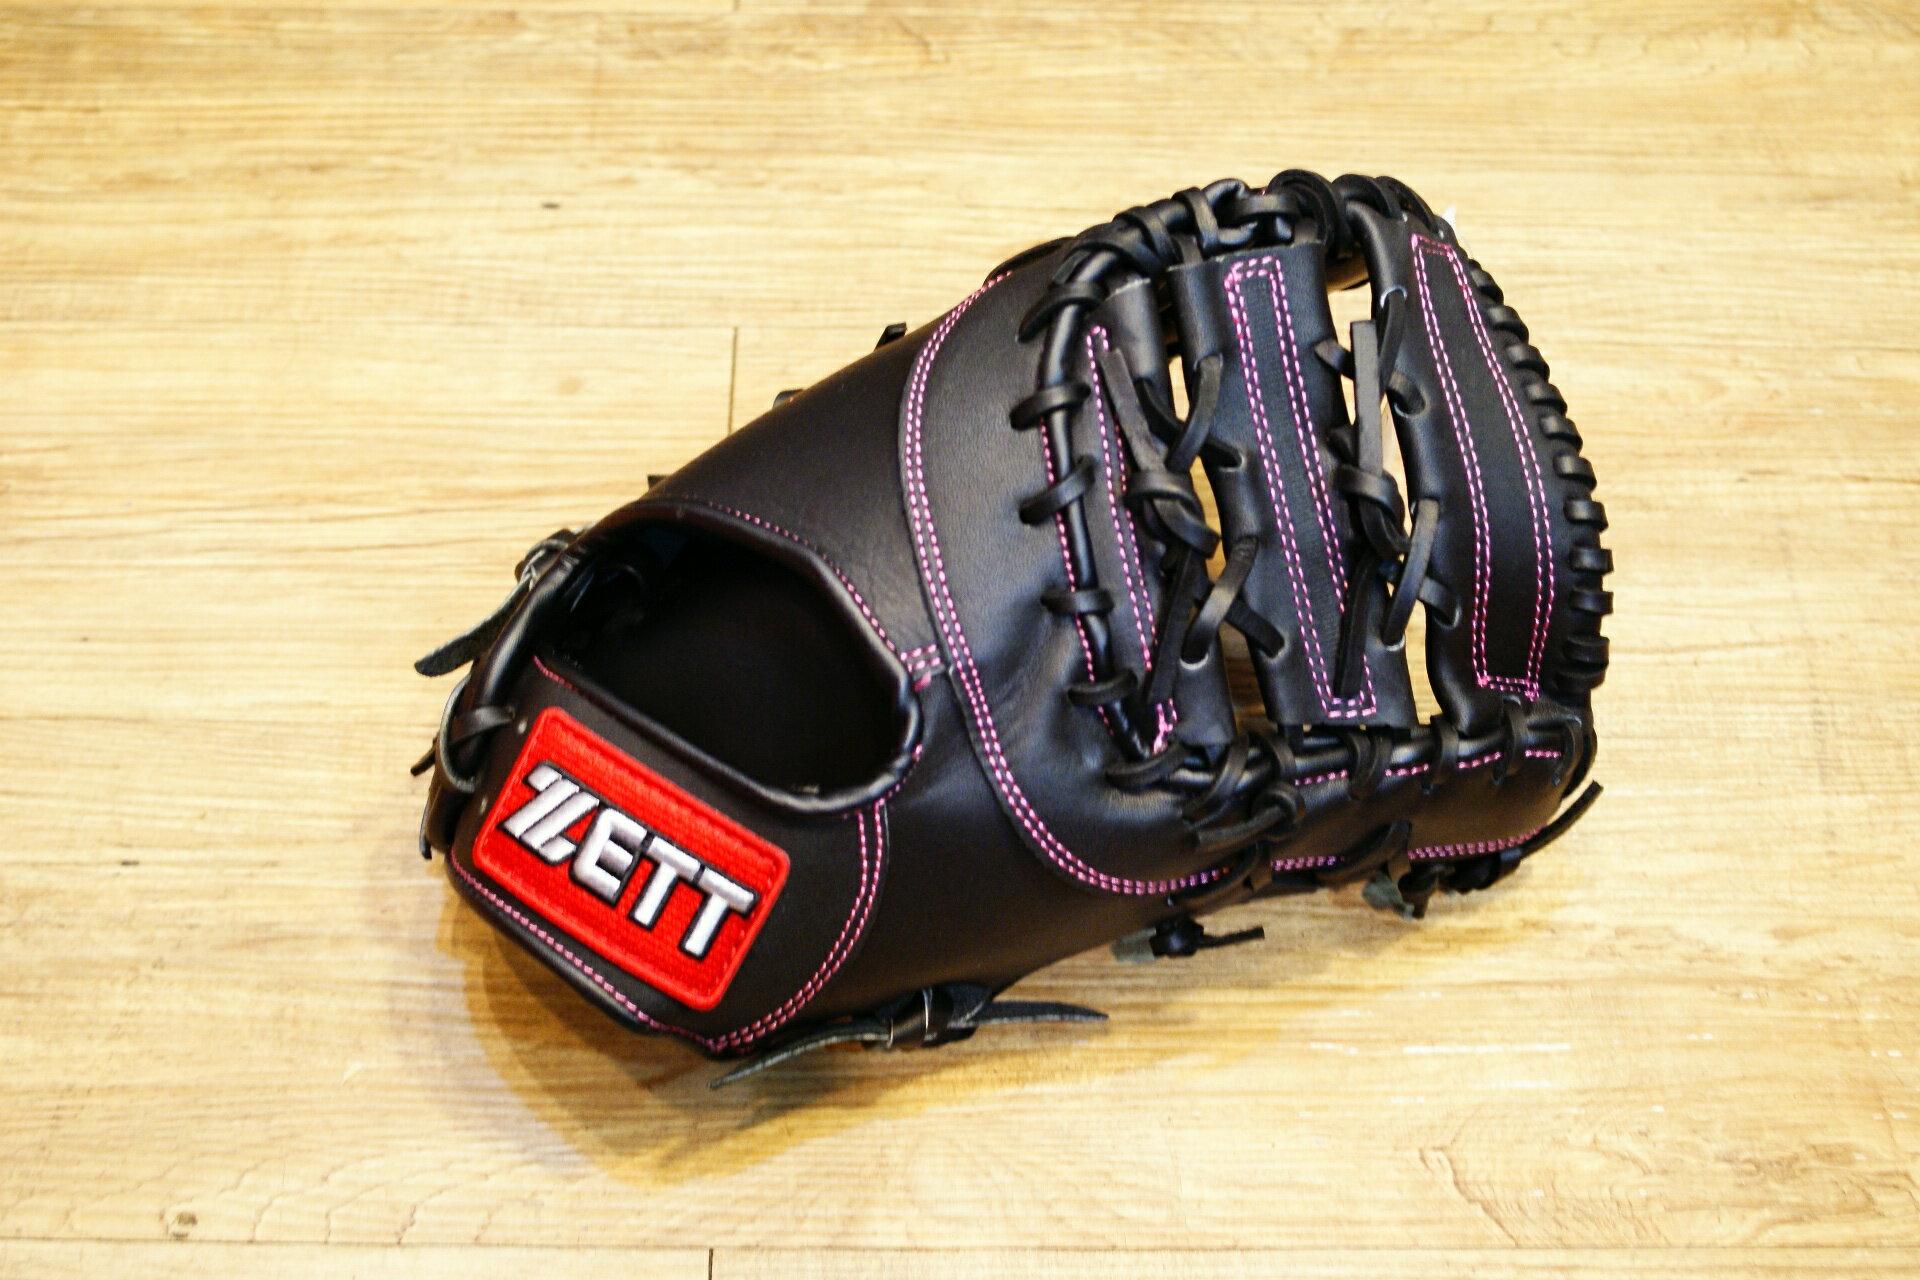 棒球世界 全新ZETT棒球一壘手手套 黑色 特價 加送手套袋 8703 系列